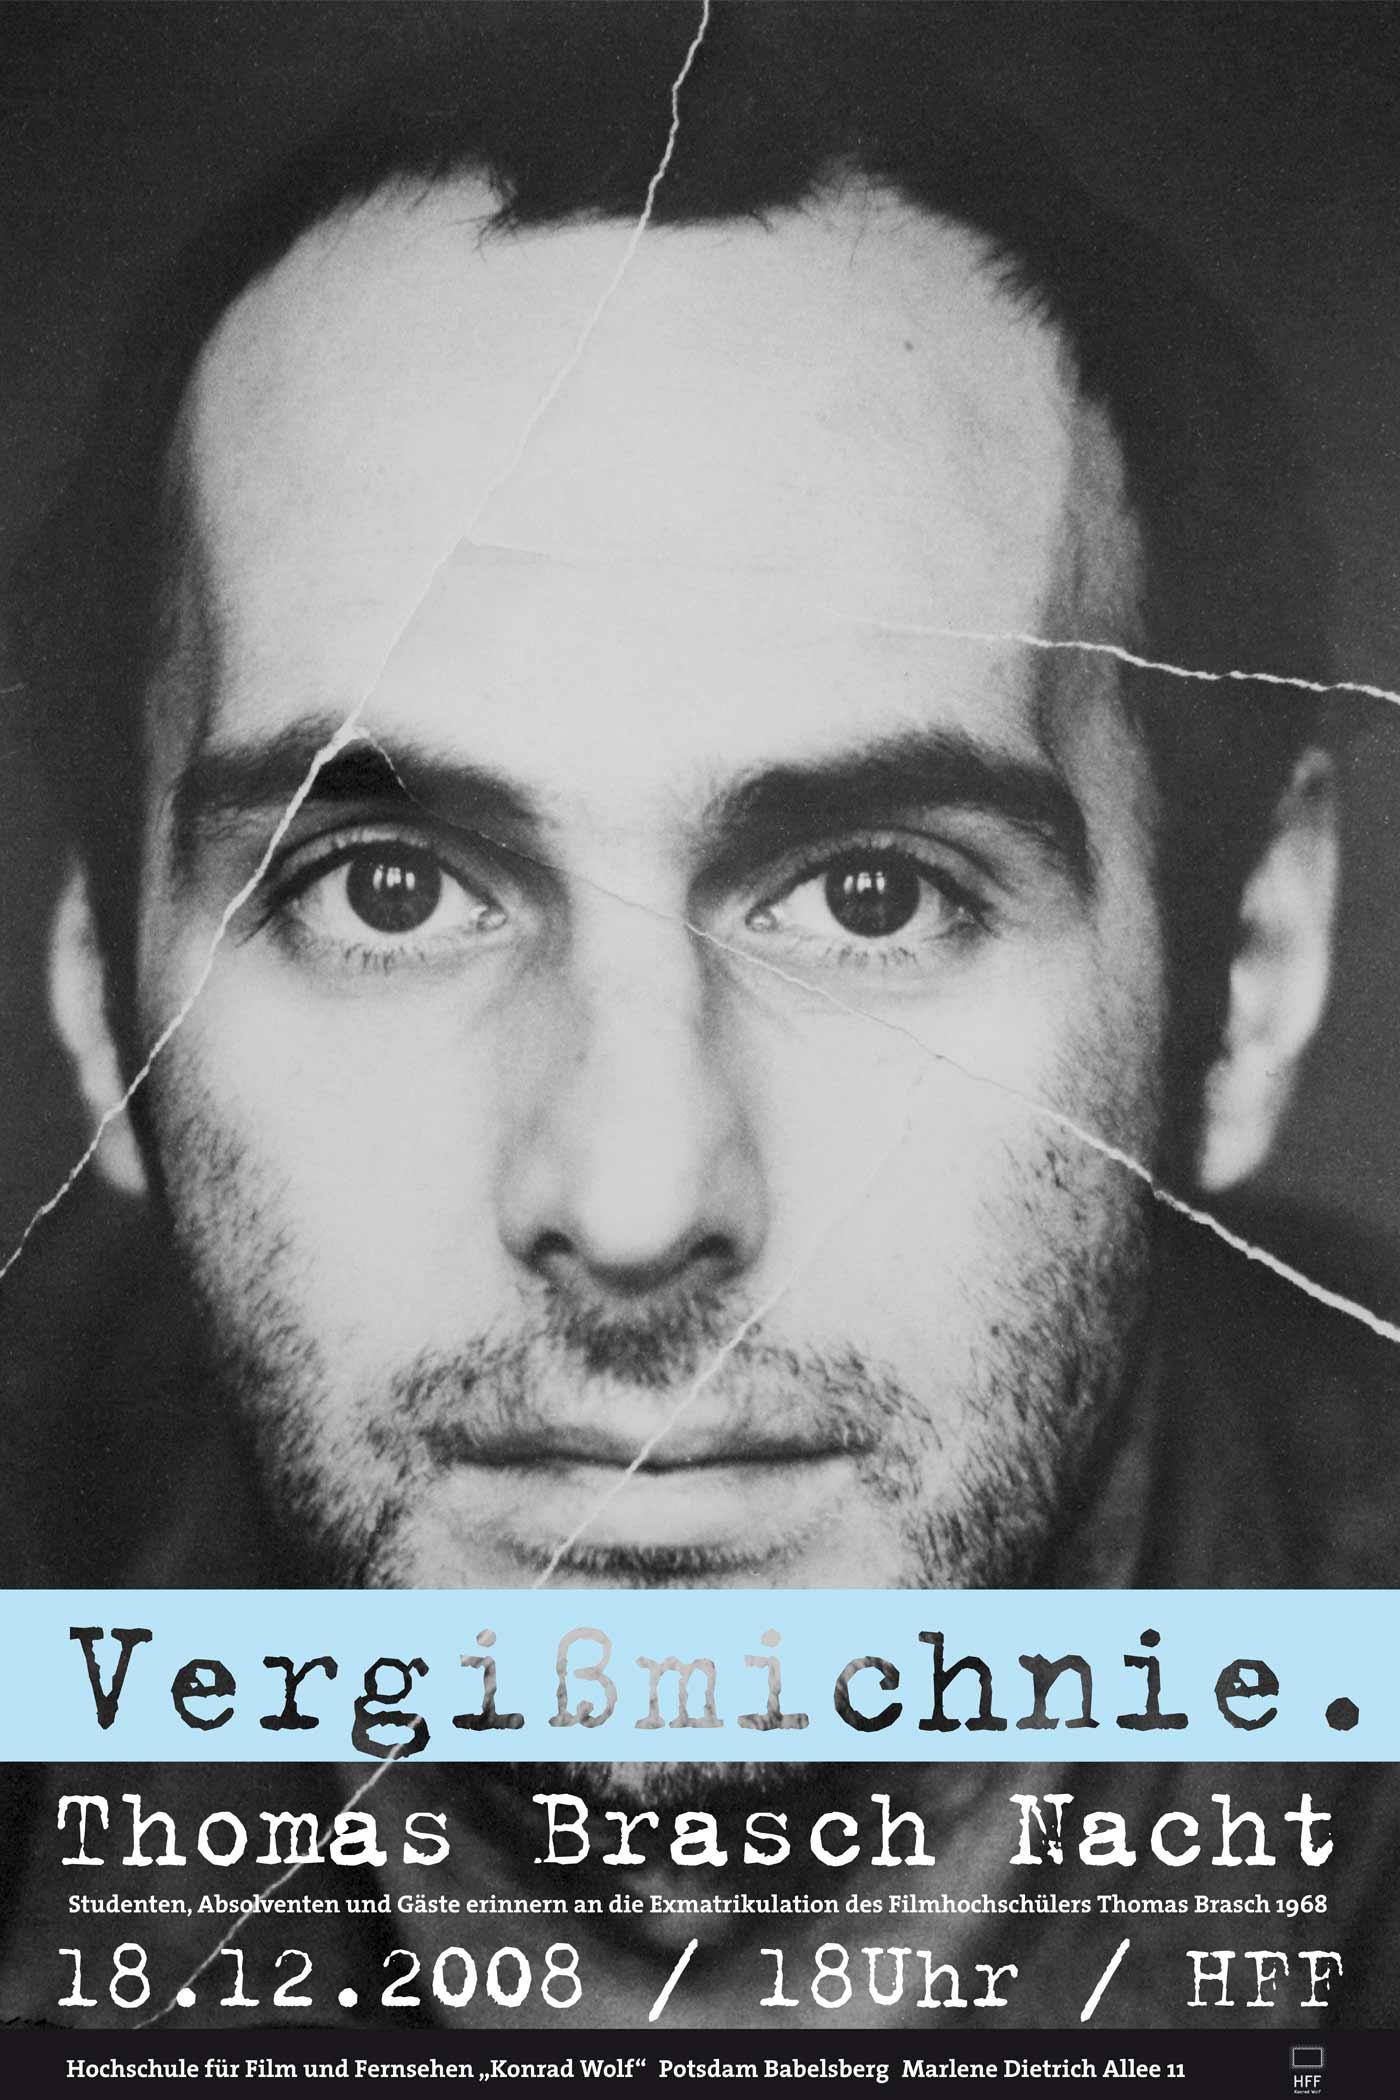 Thomas Brasch Poster for HFF Brasch-Nacht designed by WACH designstudio and Daniel Grötzsch